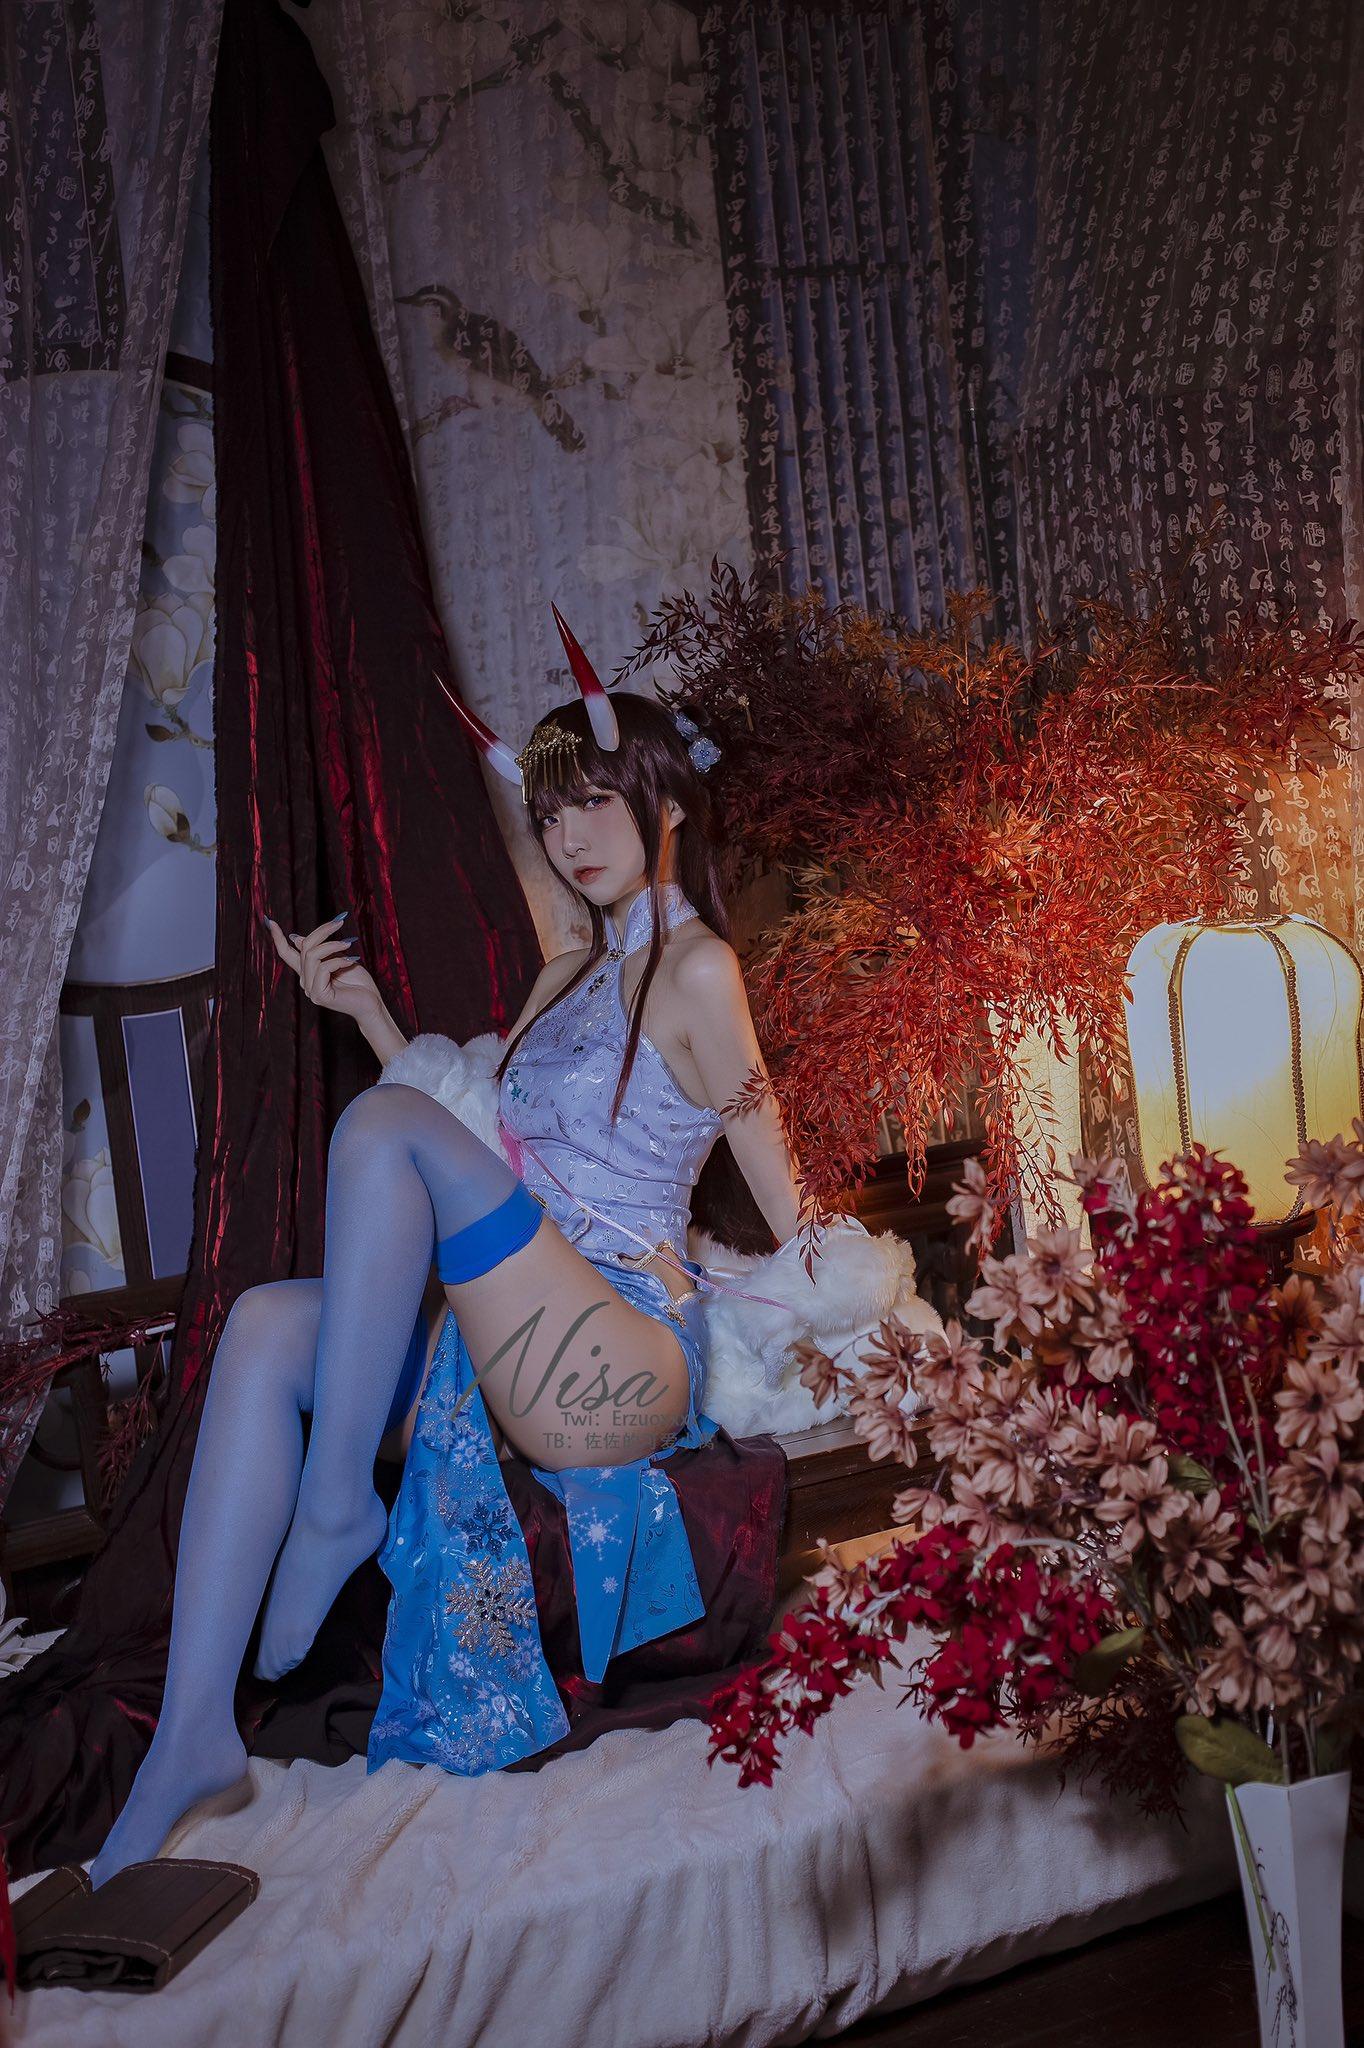 画像,能代旗袍18p获取戳淘宝~ https://t.co/fbCD95kX08。